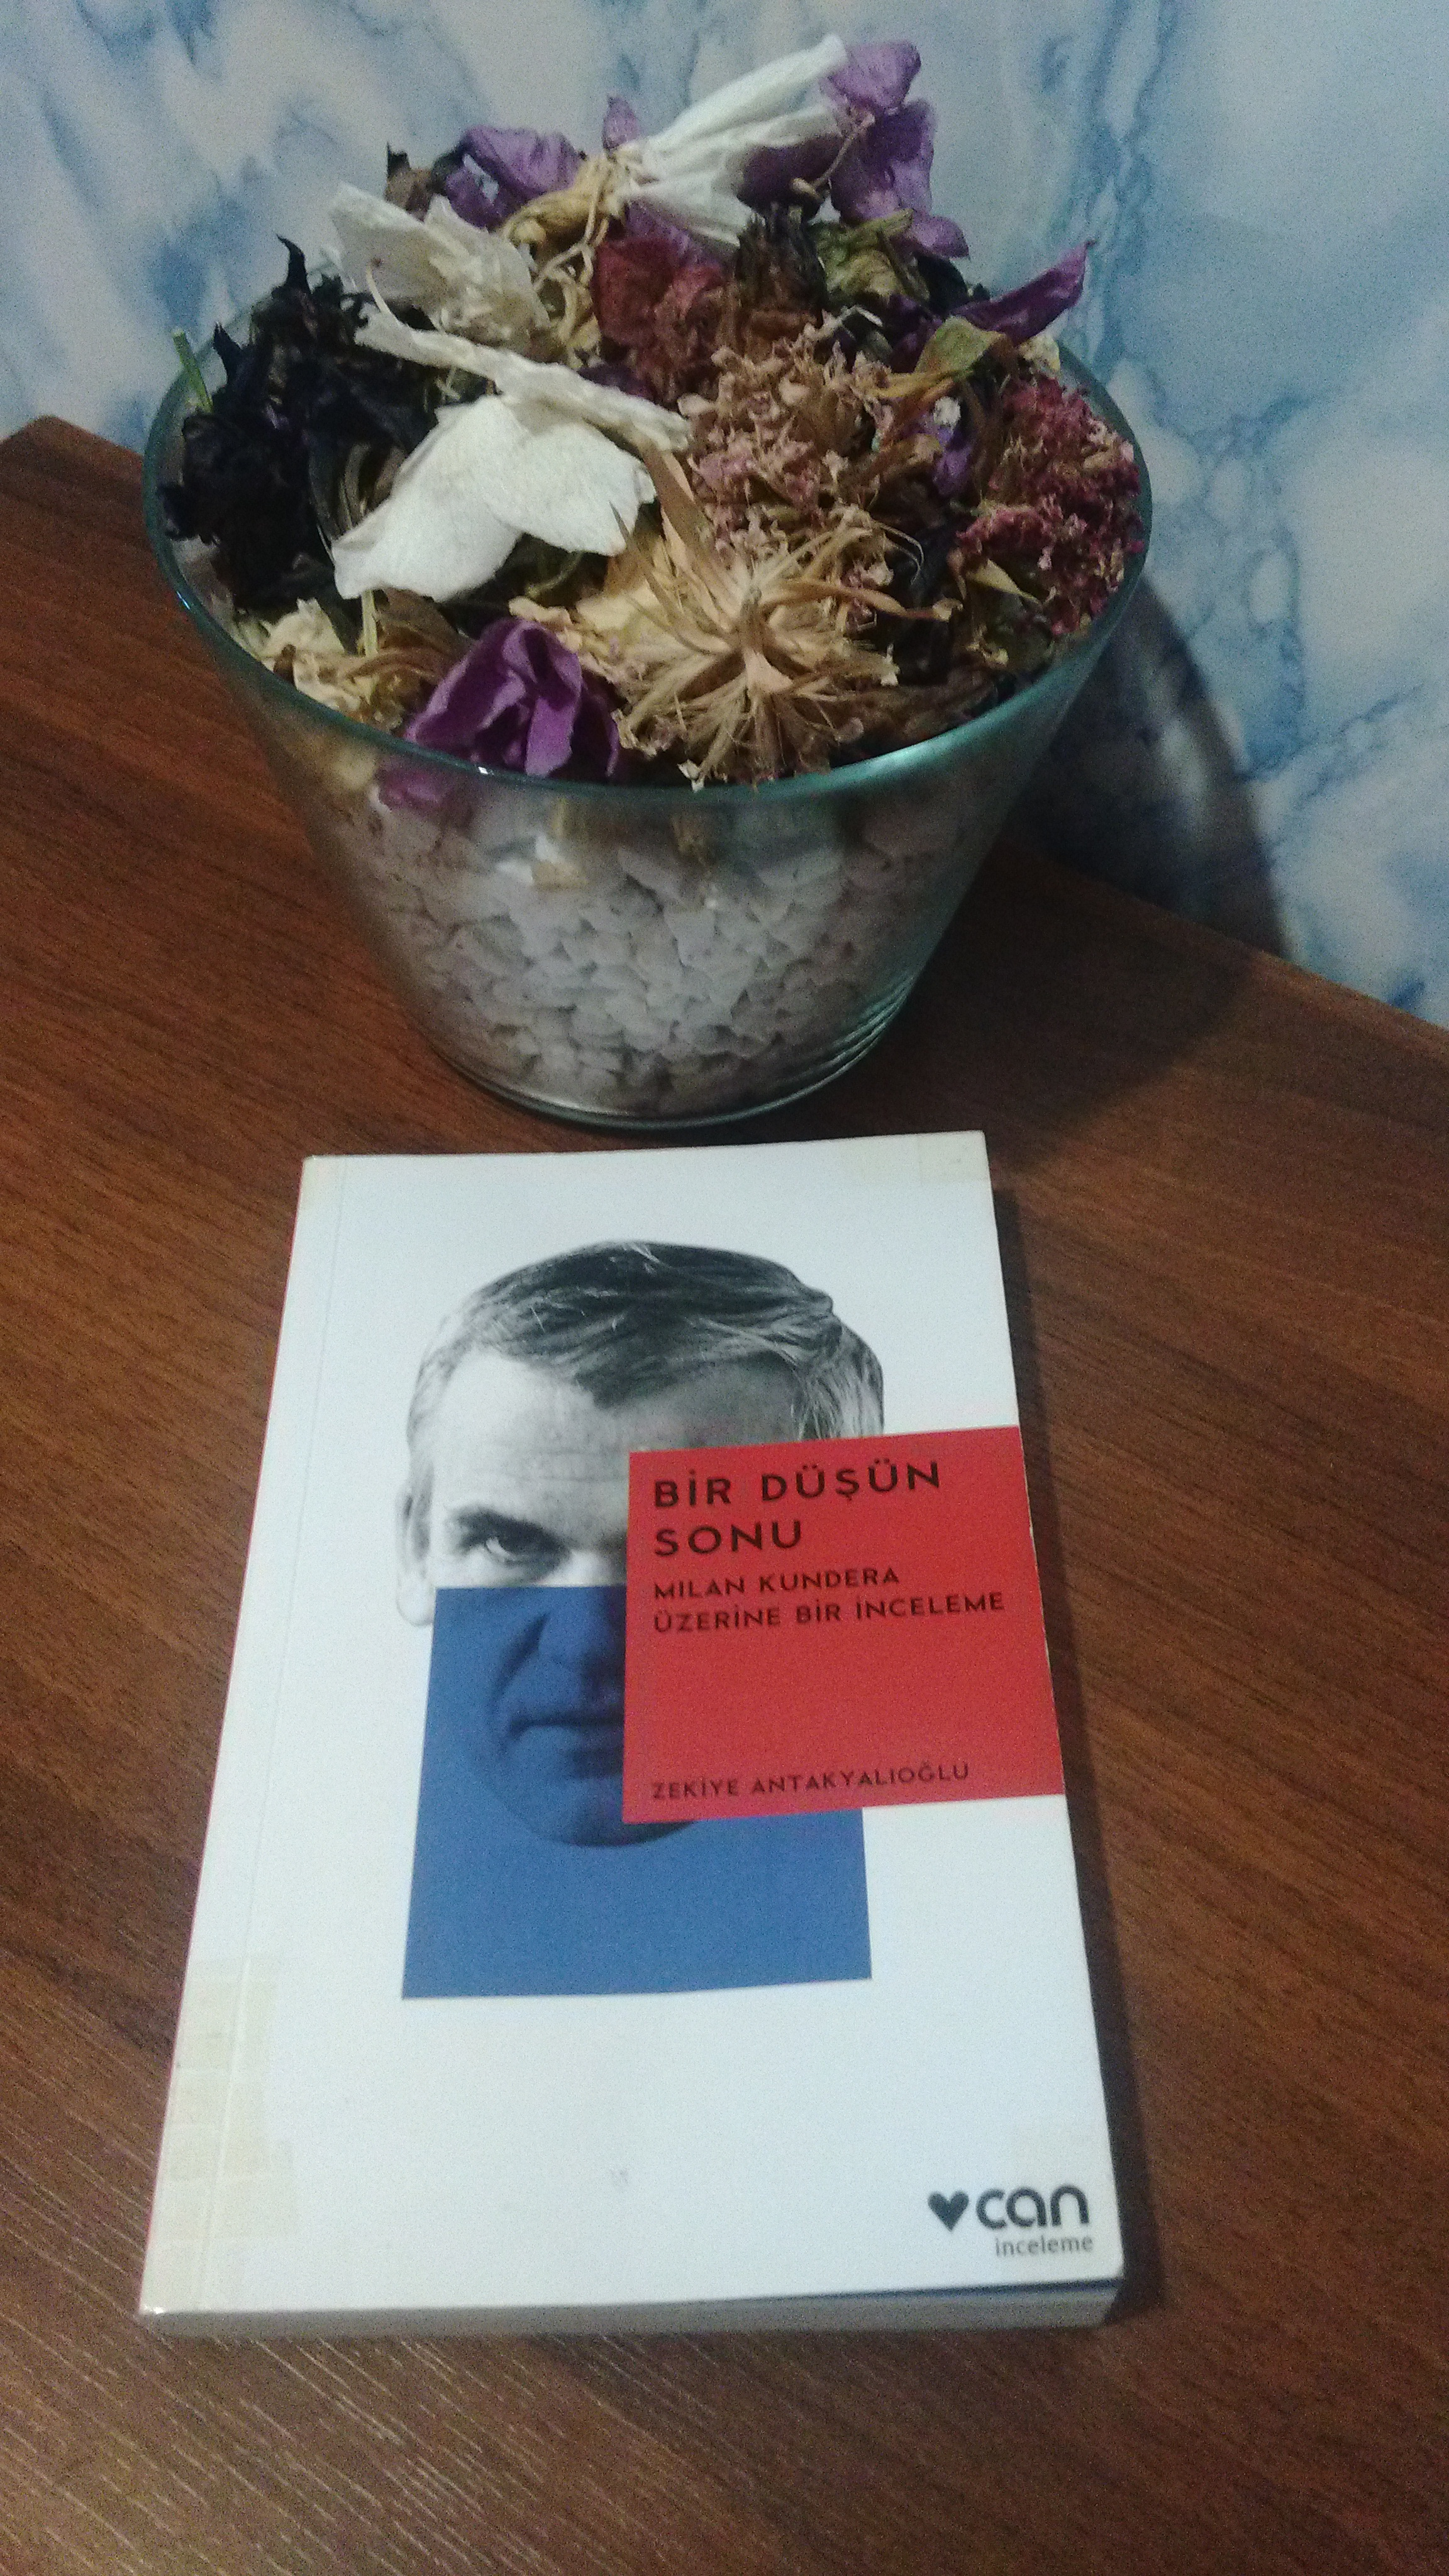 Bir Düşün Sonu – Milan Kundera Üzerine Bir İnceleme